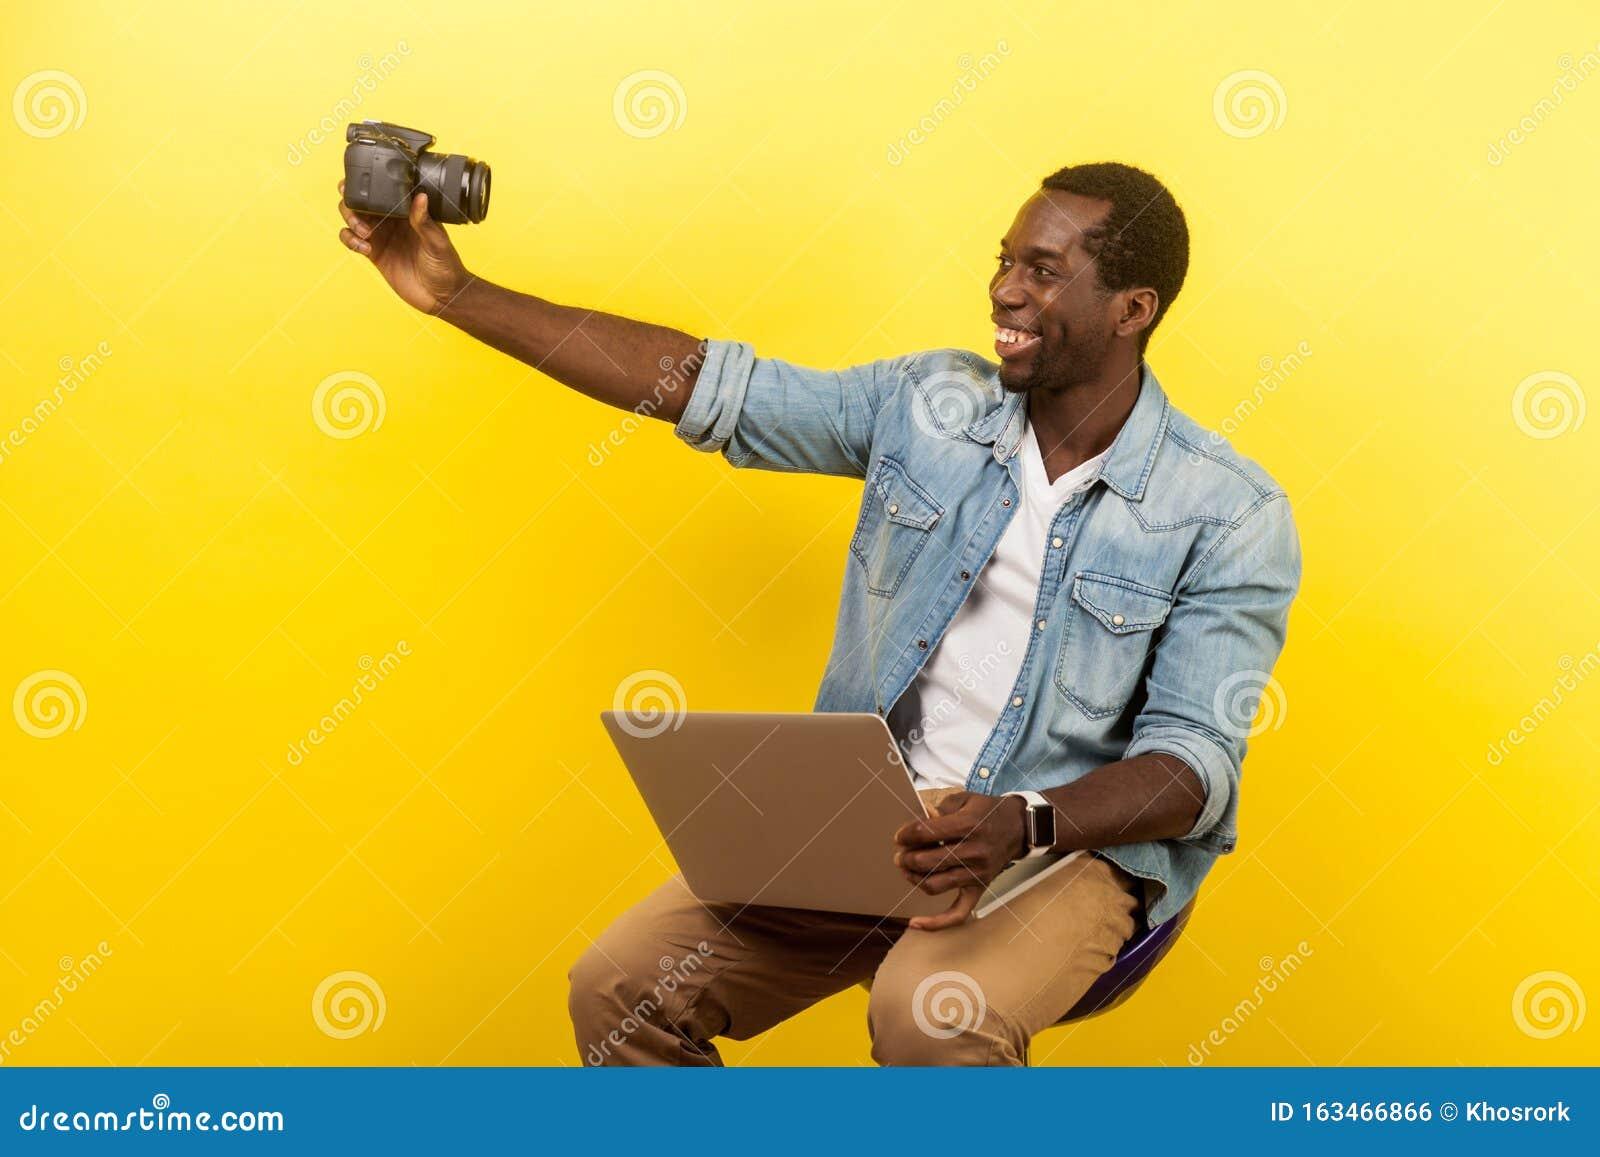 selfie-p52-04.jpg (4288×2848)   Selfie, Portrait, Self